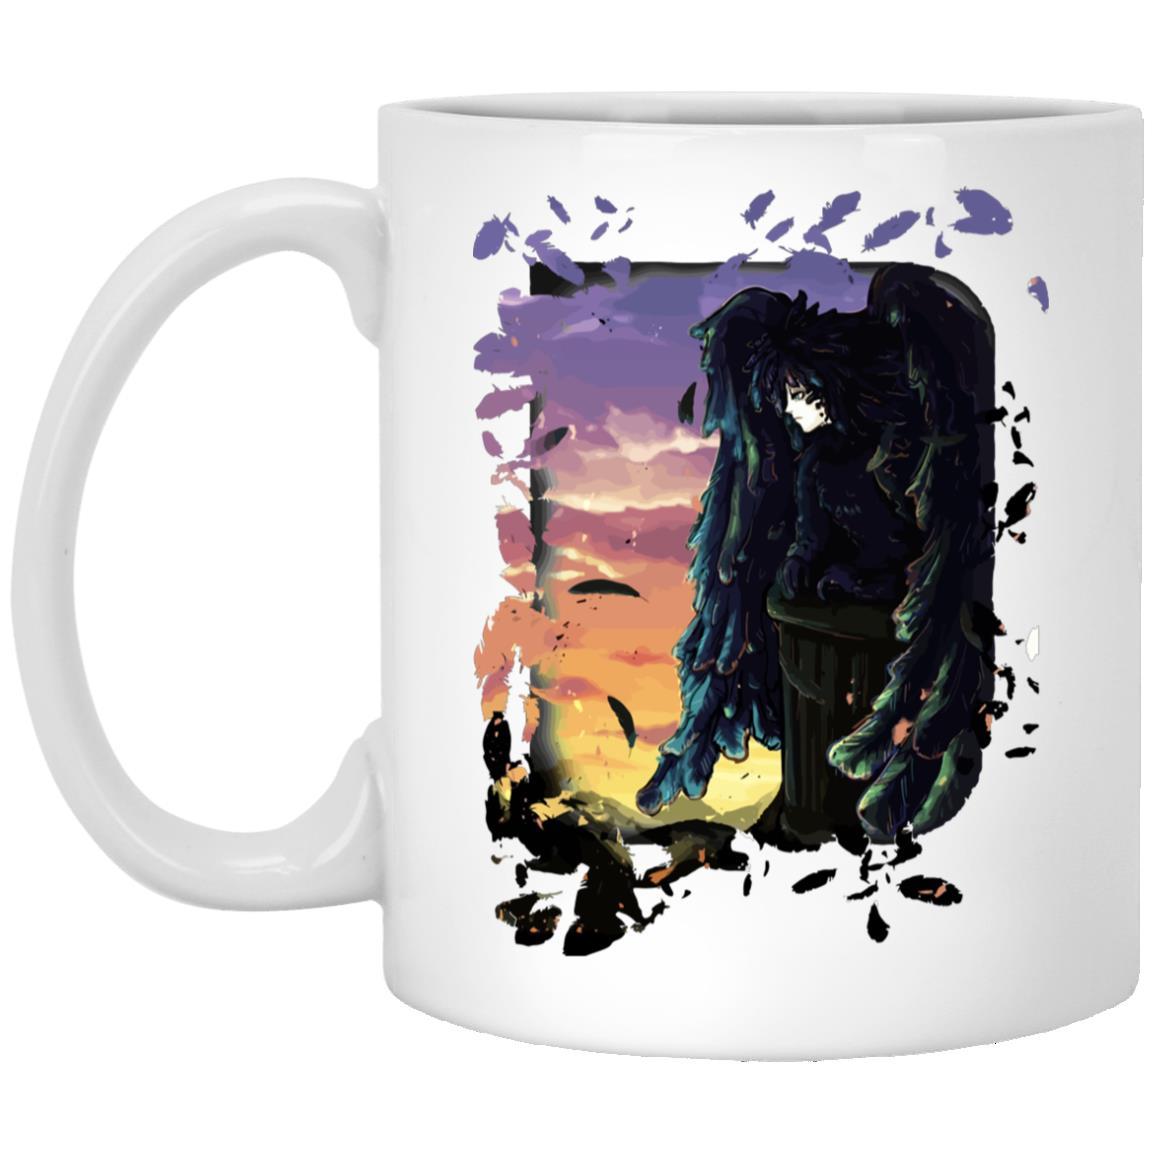 Howl's Moving Castle – Howl's Beast Form Mug